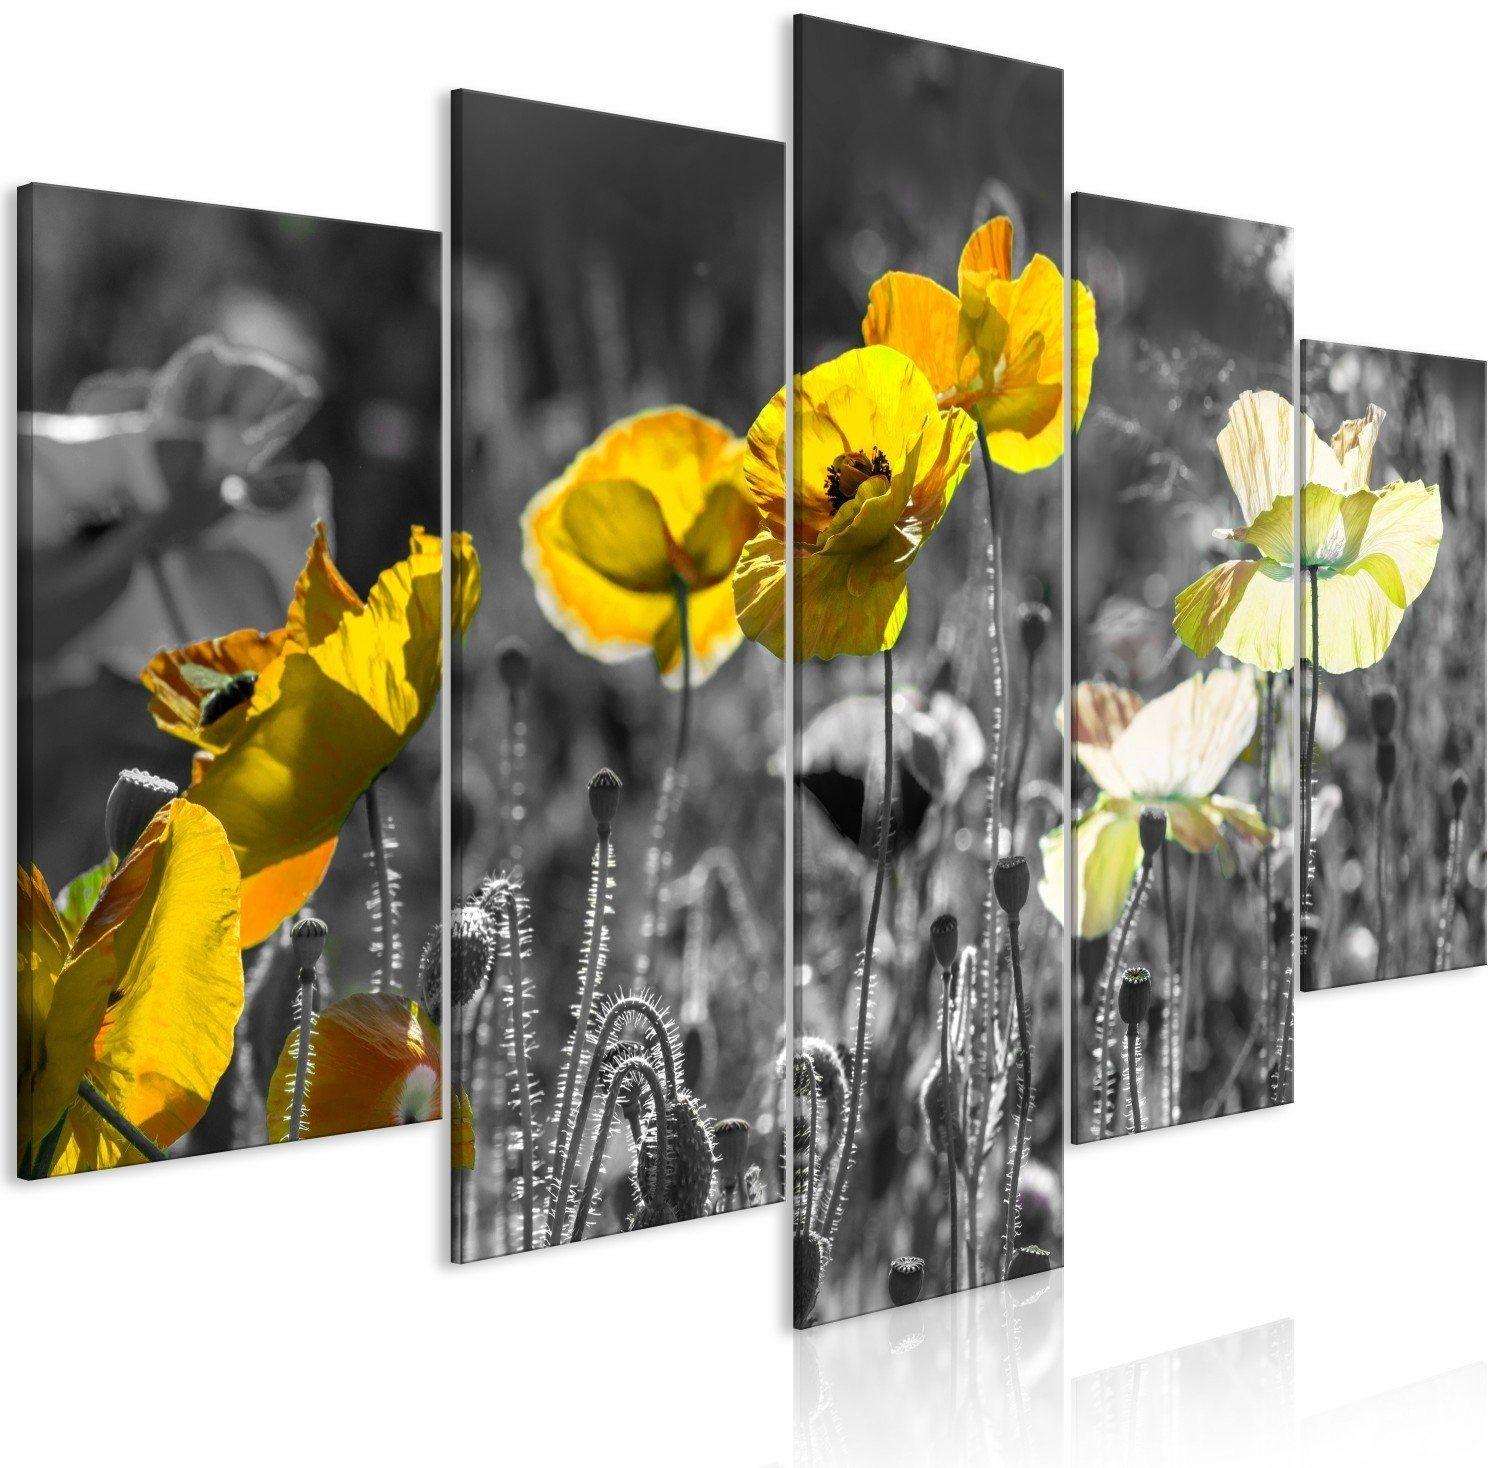 Obraz - żółte maki (5-częściowy) szeroki